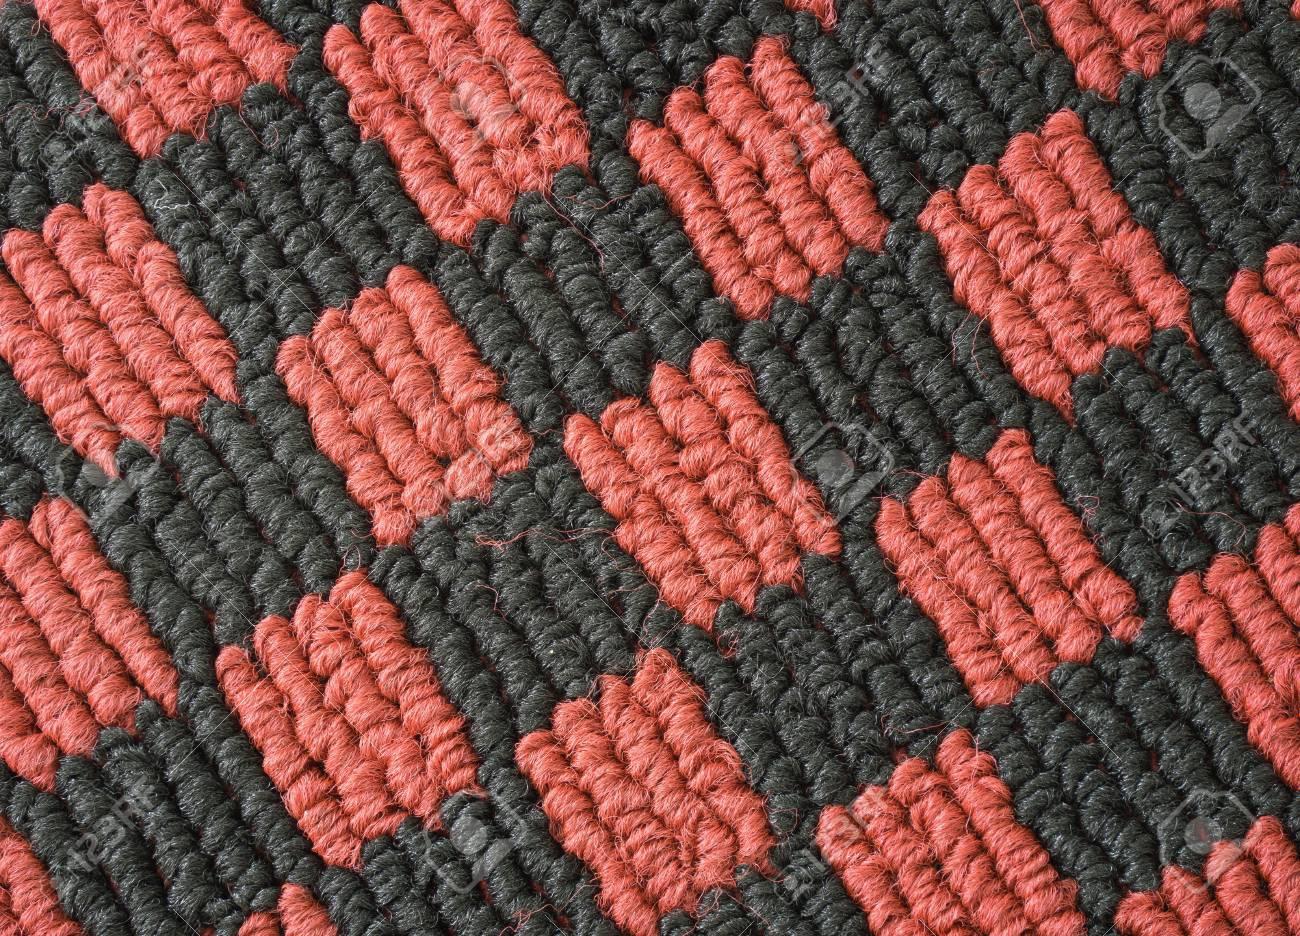 Red Und Schwarz Checked Muster Auto Boden Matte Teppich Textur